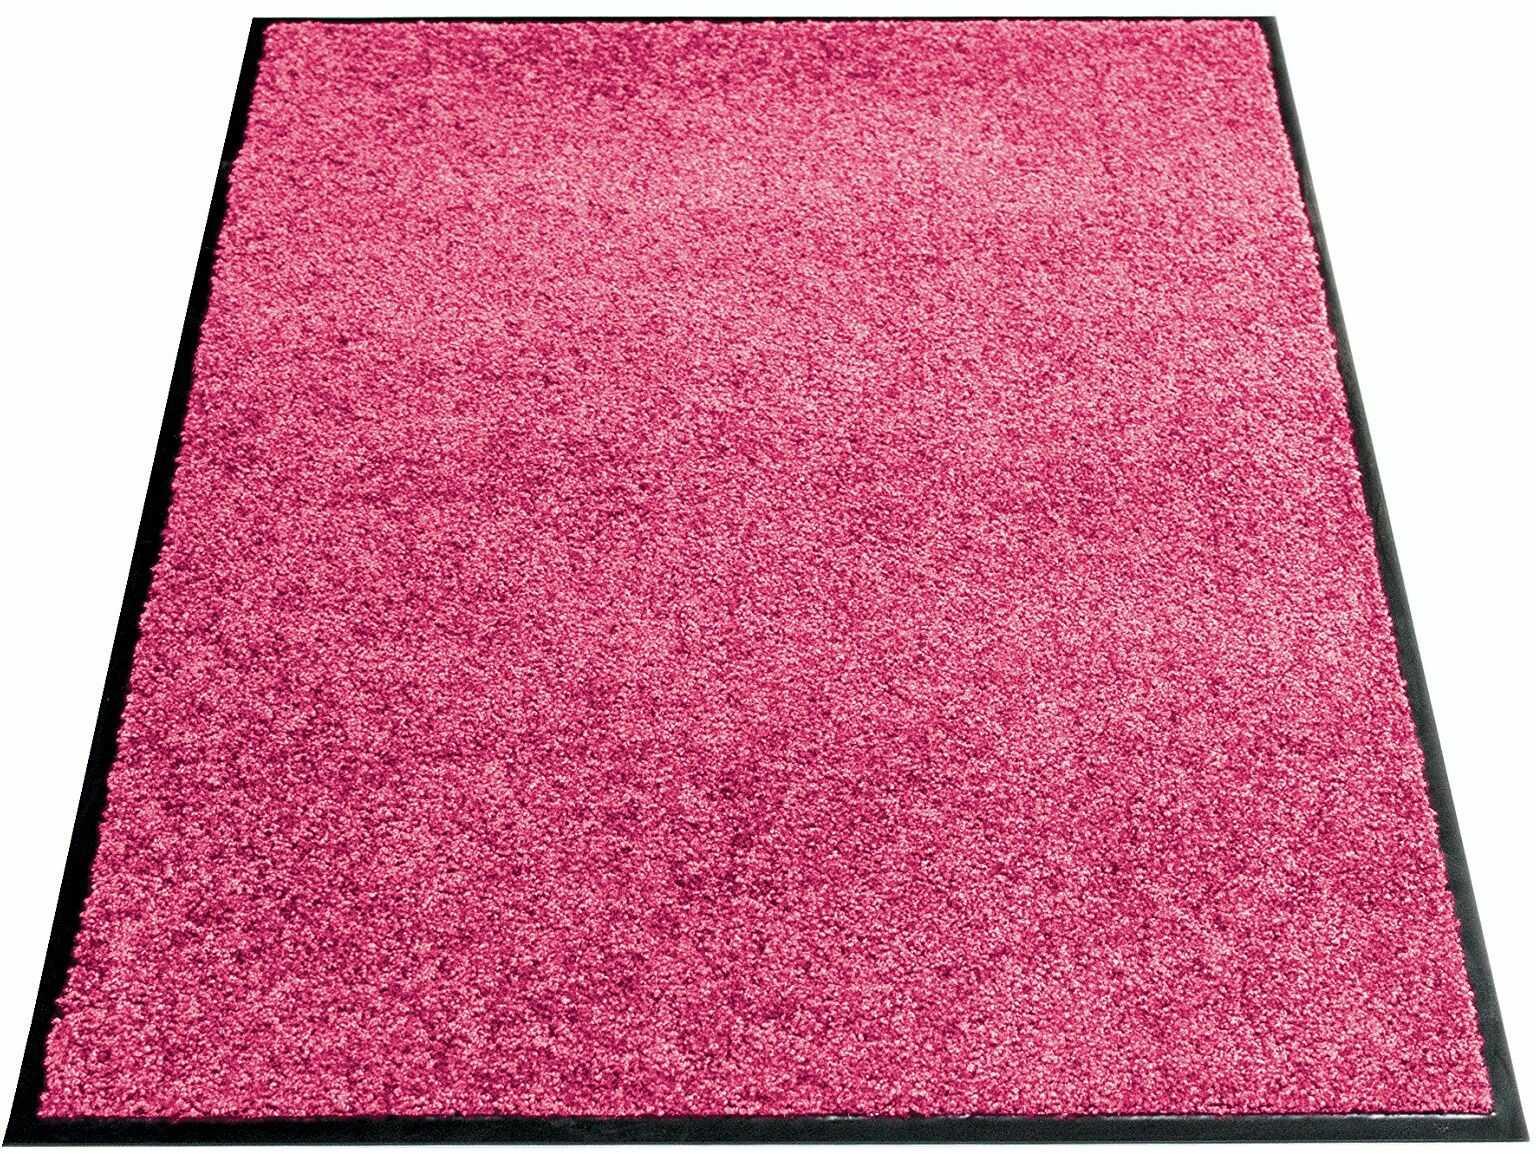 miltex Eazycare wycieraczka zatrzymująca brud, poliamid i winylowy spód, różowa, 60 x 90 cm